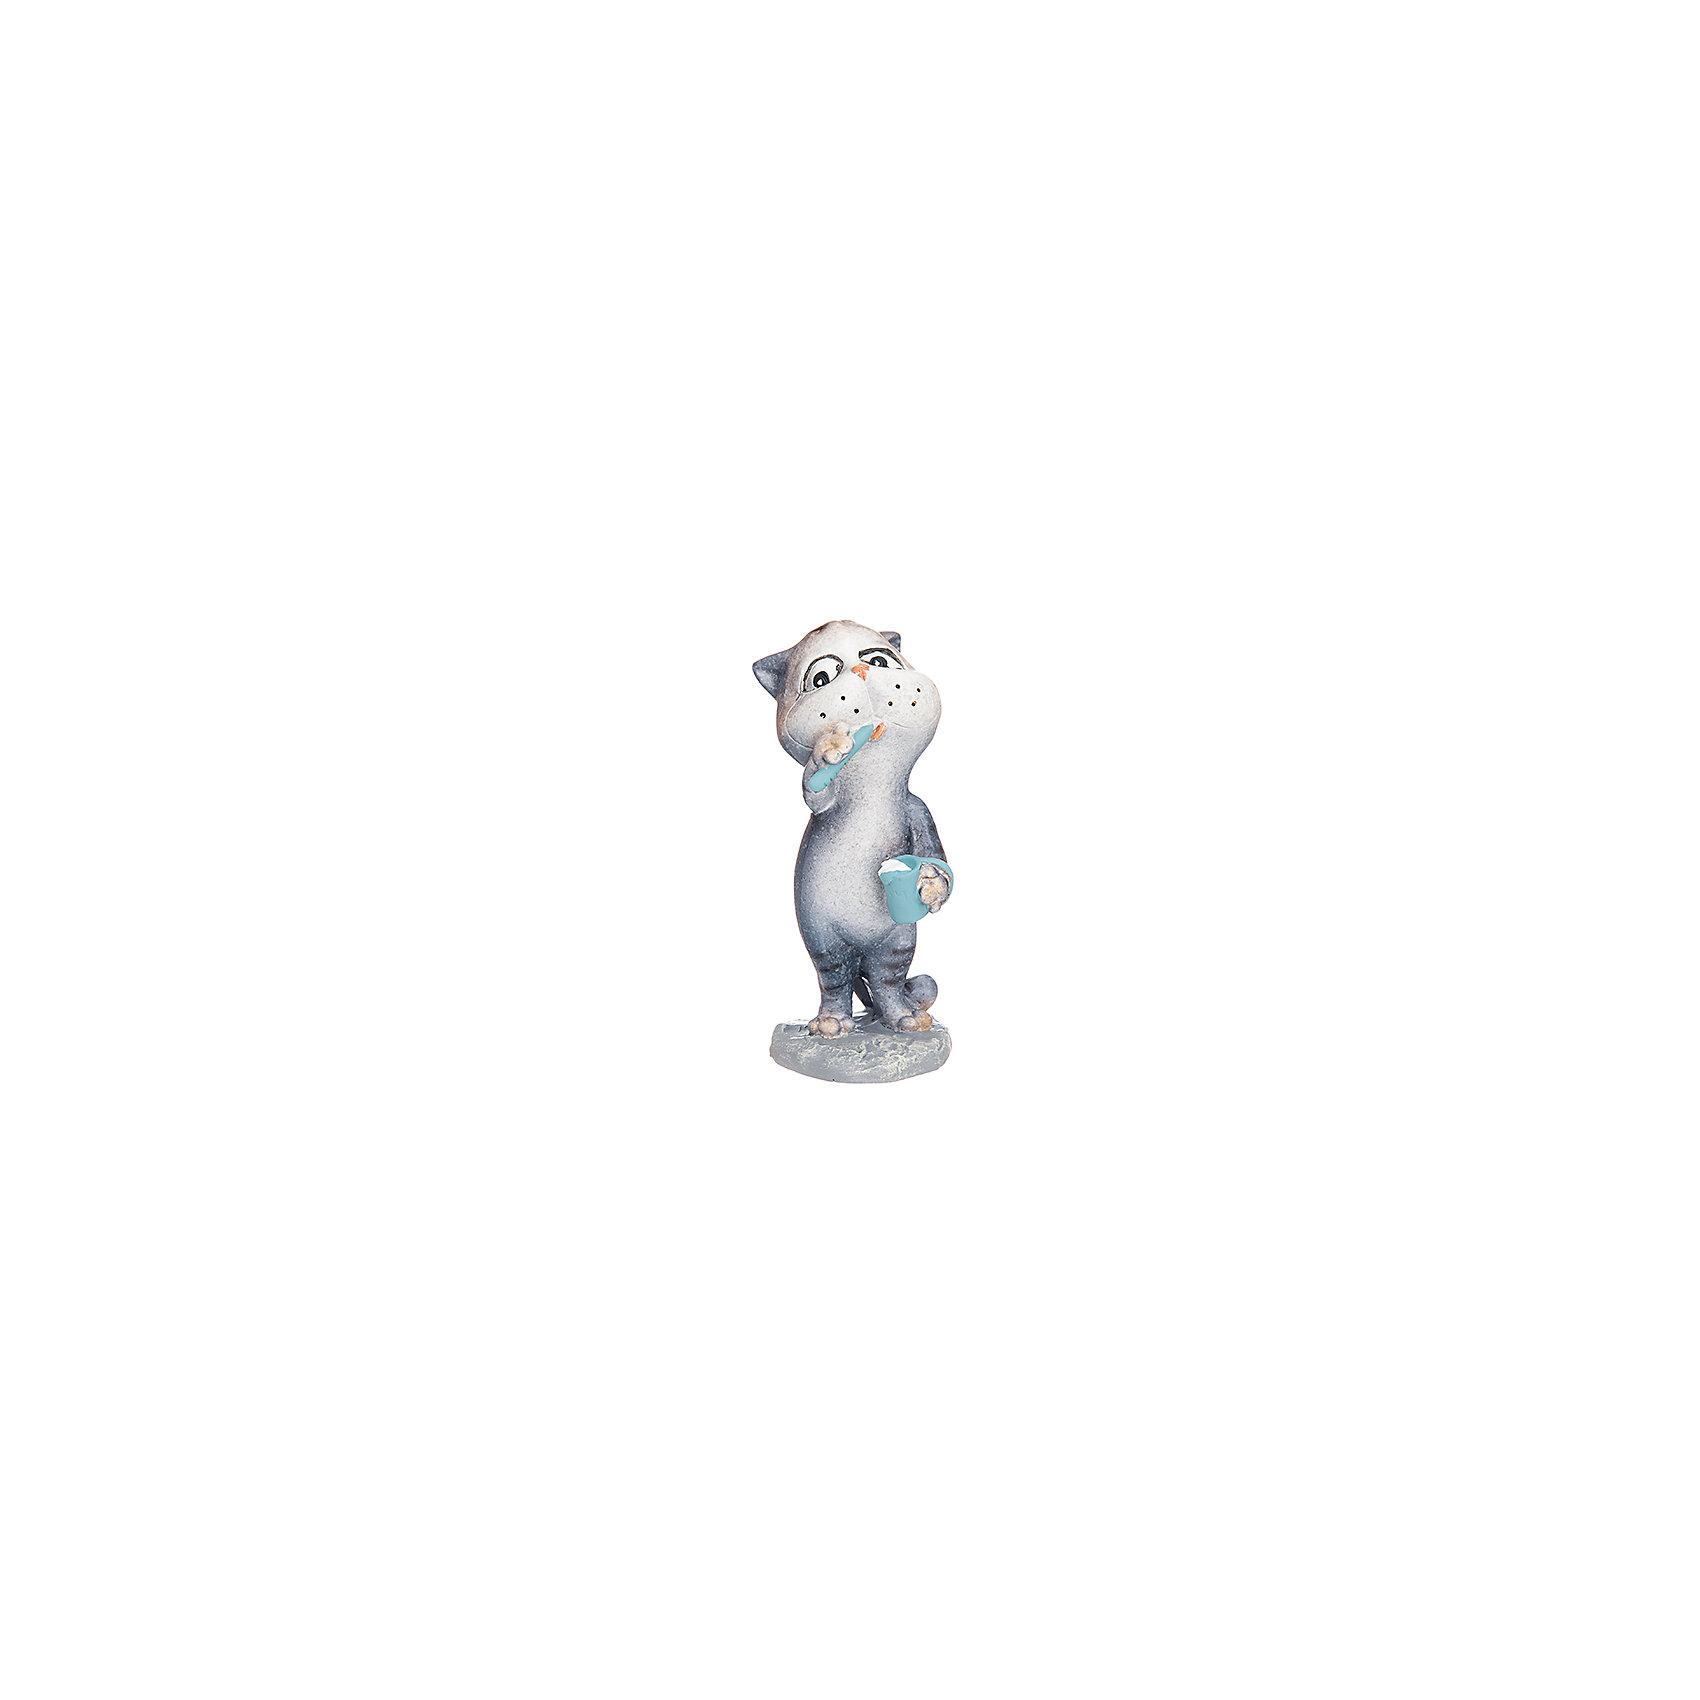 Фигурка декоративная Котик - чистюля, Elan GalleryПредметы интерьера<br>Характеристики товара:<br><br>• цвет: мульти<br>• материал: полистоун<br>• высота: 10 см<br>• вес: 150 г<br>• подходит к любому интерьеру<br>• отлично проработаны детали<br>• универсальный размер<br>• страна бренда: Российская Федерация<br>• страна производства: Китай<br><br>Такая декоративная фигурка - отличный пример красивой вещи для любого интерьера. Благодаря универсальному дизайну и расцветке она хорошо будет смотреться в помещении.<br><br>Декоративная фигурка может стать отличным приобретением для дома или подарком для любителей симпатичных вещей, украшающих пространство.<br><br>Бренд Elan Gallery - это красивые и практичные товары для дома с современным дизайном. Они добавляют в жильё уюта и комфорта! <br><br>Фигурку декоративную Котик - чистюля Elan Gallery можно купить в нашем интернет-магазине.<br><br>Ширина мм: 65<br>Глубина мм: 55<br>Высота мм: 115<br>Вес г: 142<br>Возраст от месяцев: 0<br>Возраст до месяцев: 1188<br>Пол: Унисекс<br>Возраст: Детский<br>SKU: 6669025